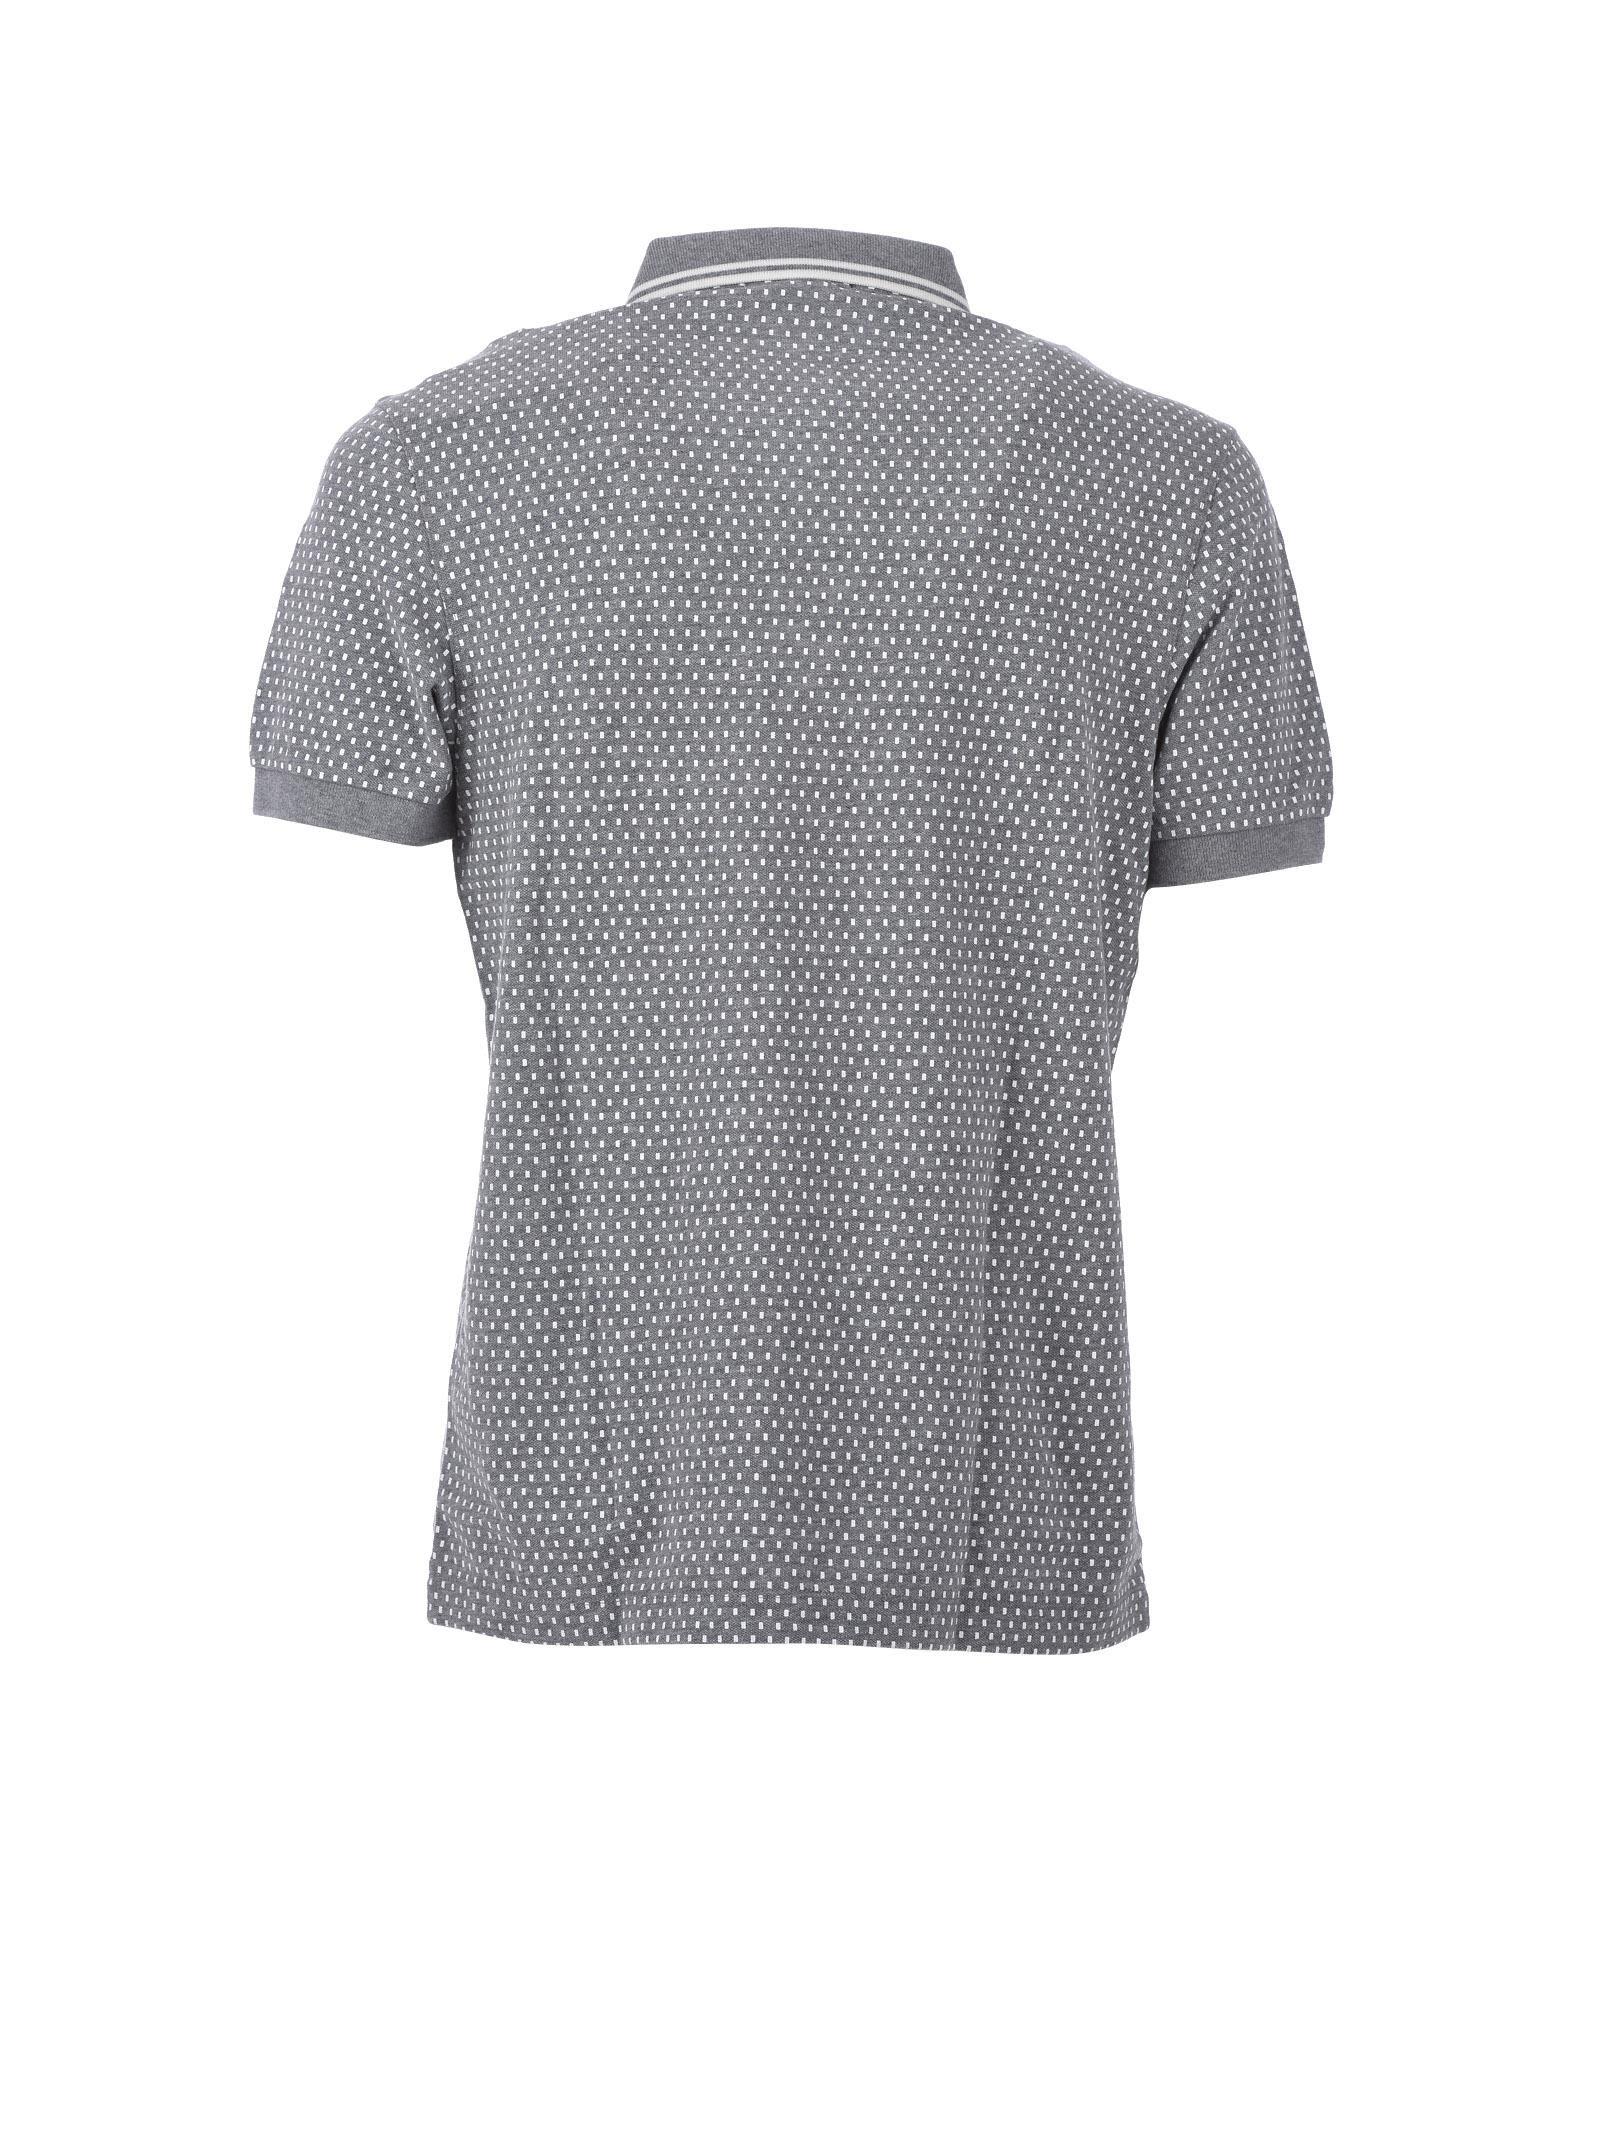 61148642 Mens Geometric Print Polo Shirt